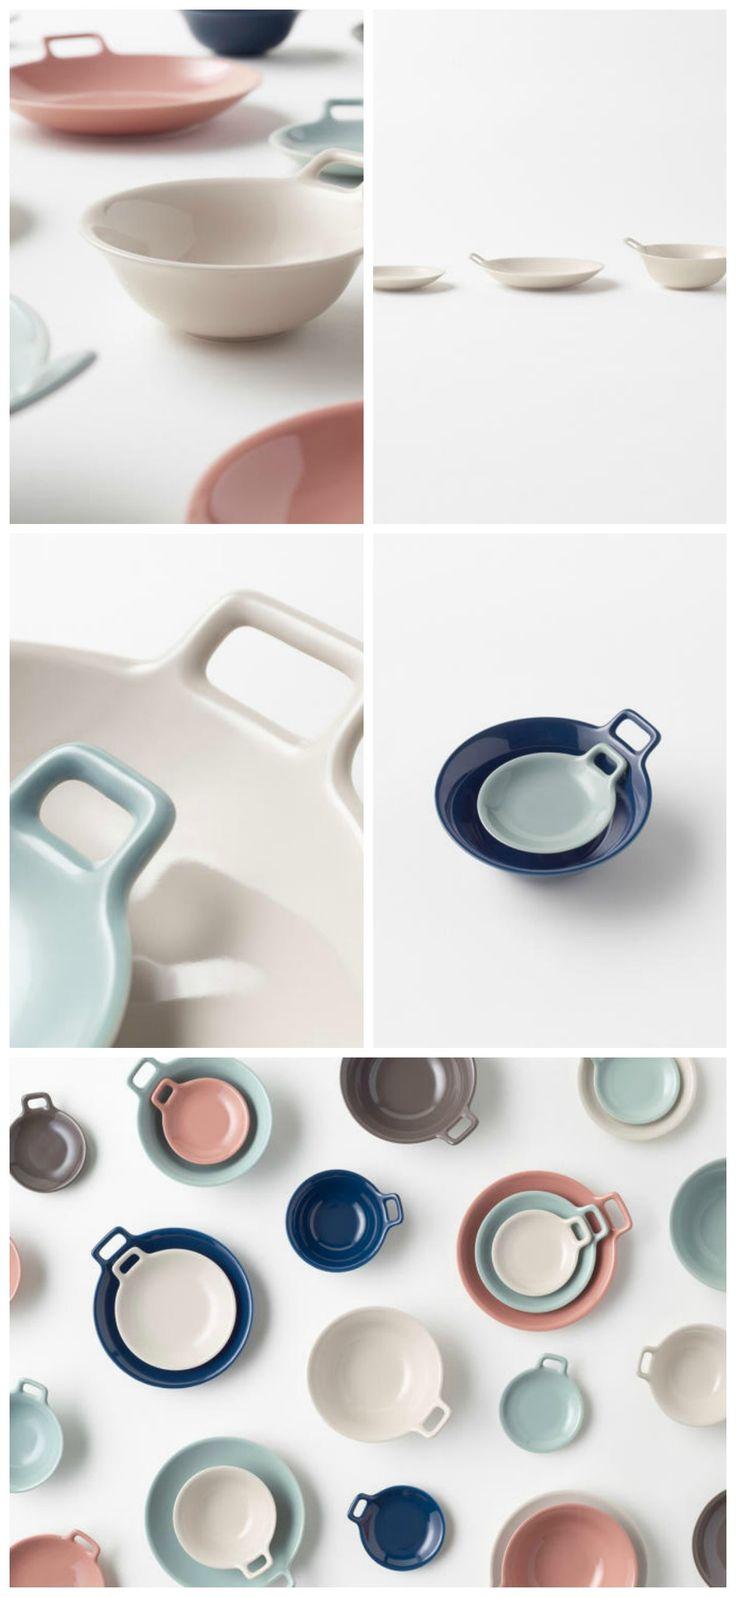 Japanese Design House Nendo   Mahalolena.com